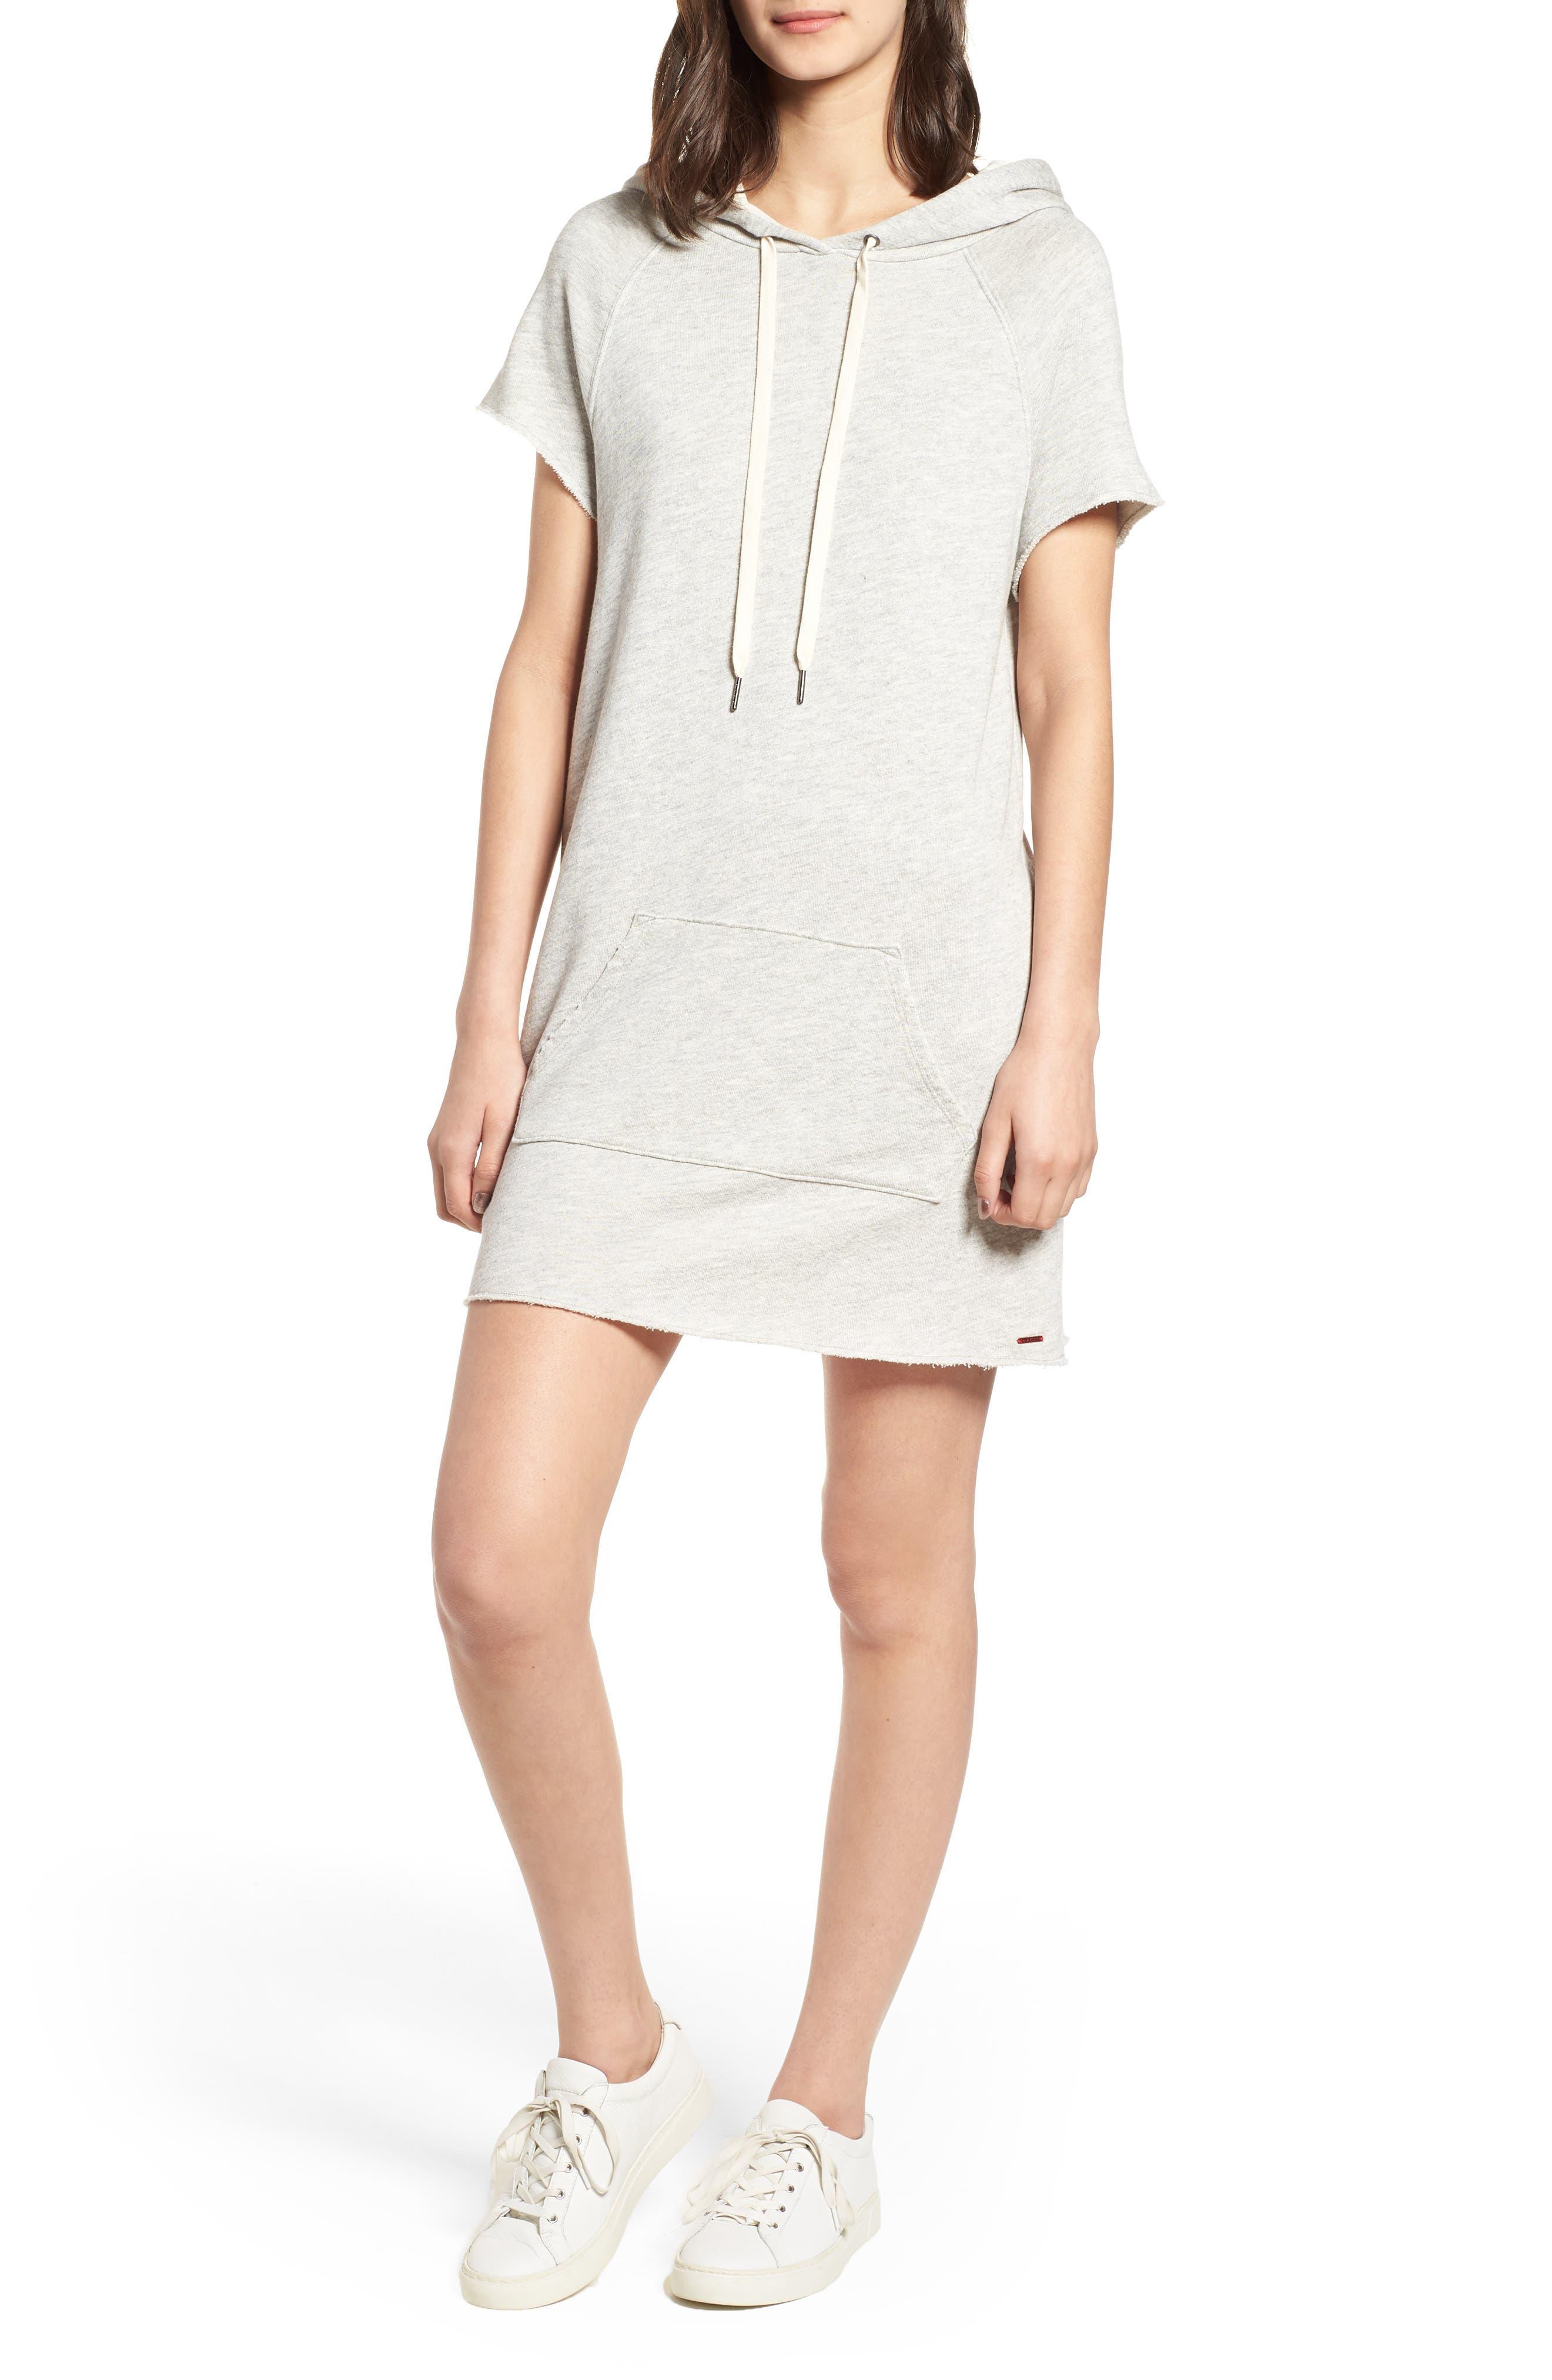 Alternate Image 1 Selected - n:PHILANTHROPY Spades Hoodie Dress